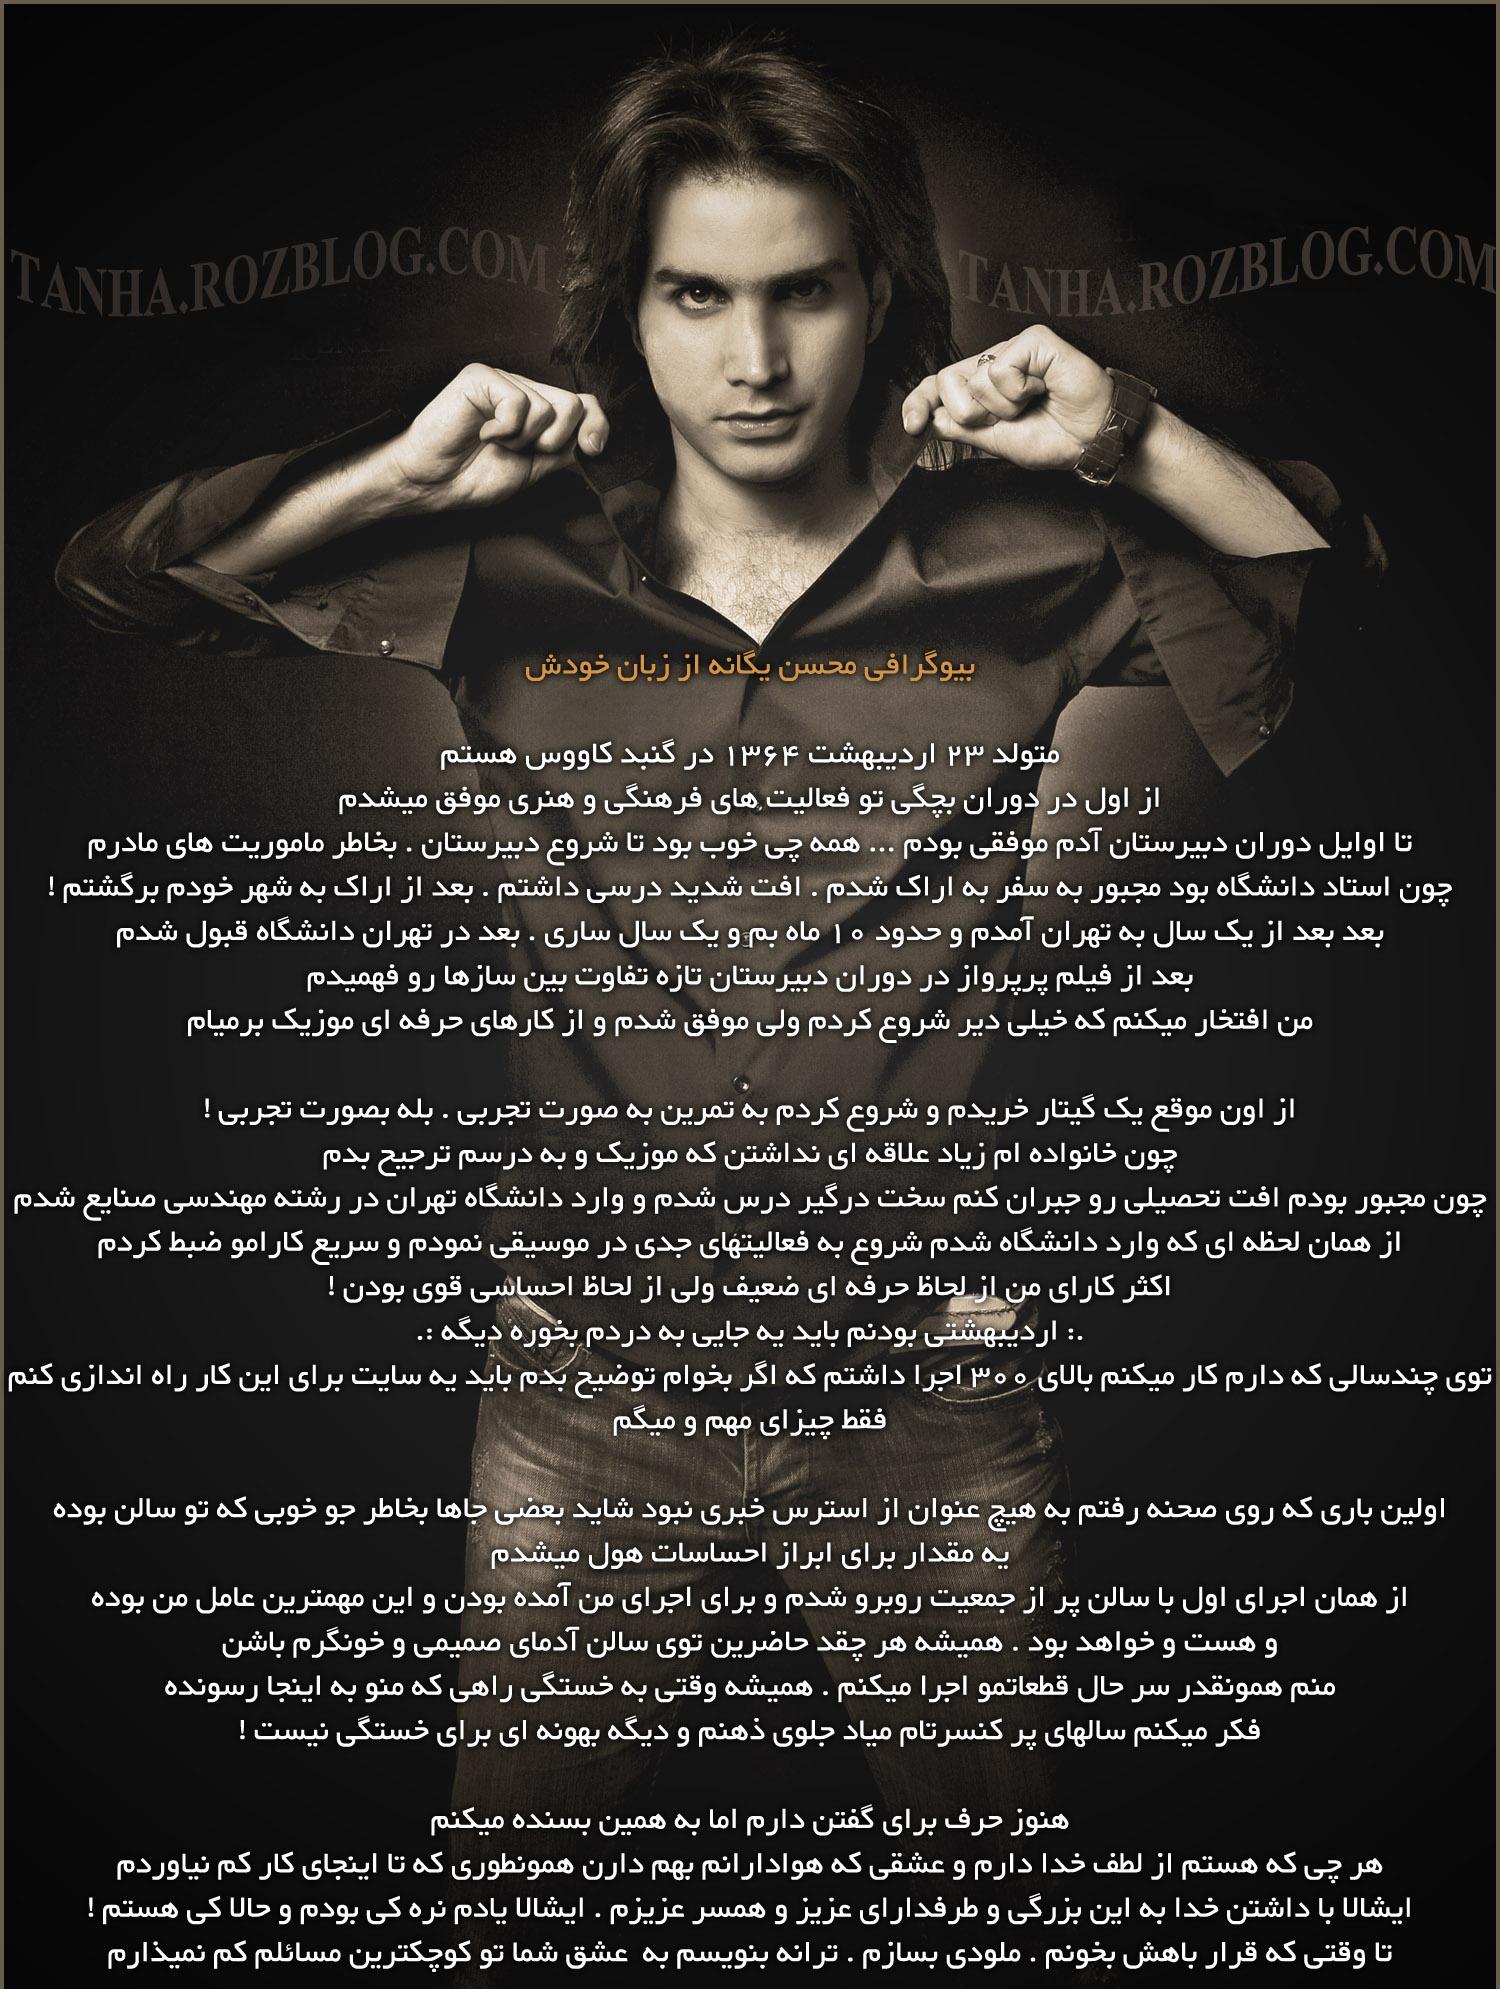 بیوگرافی محسن یگانه از زبان خودش www.tanha.rozblog.com